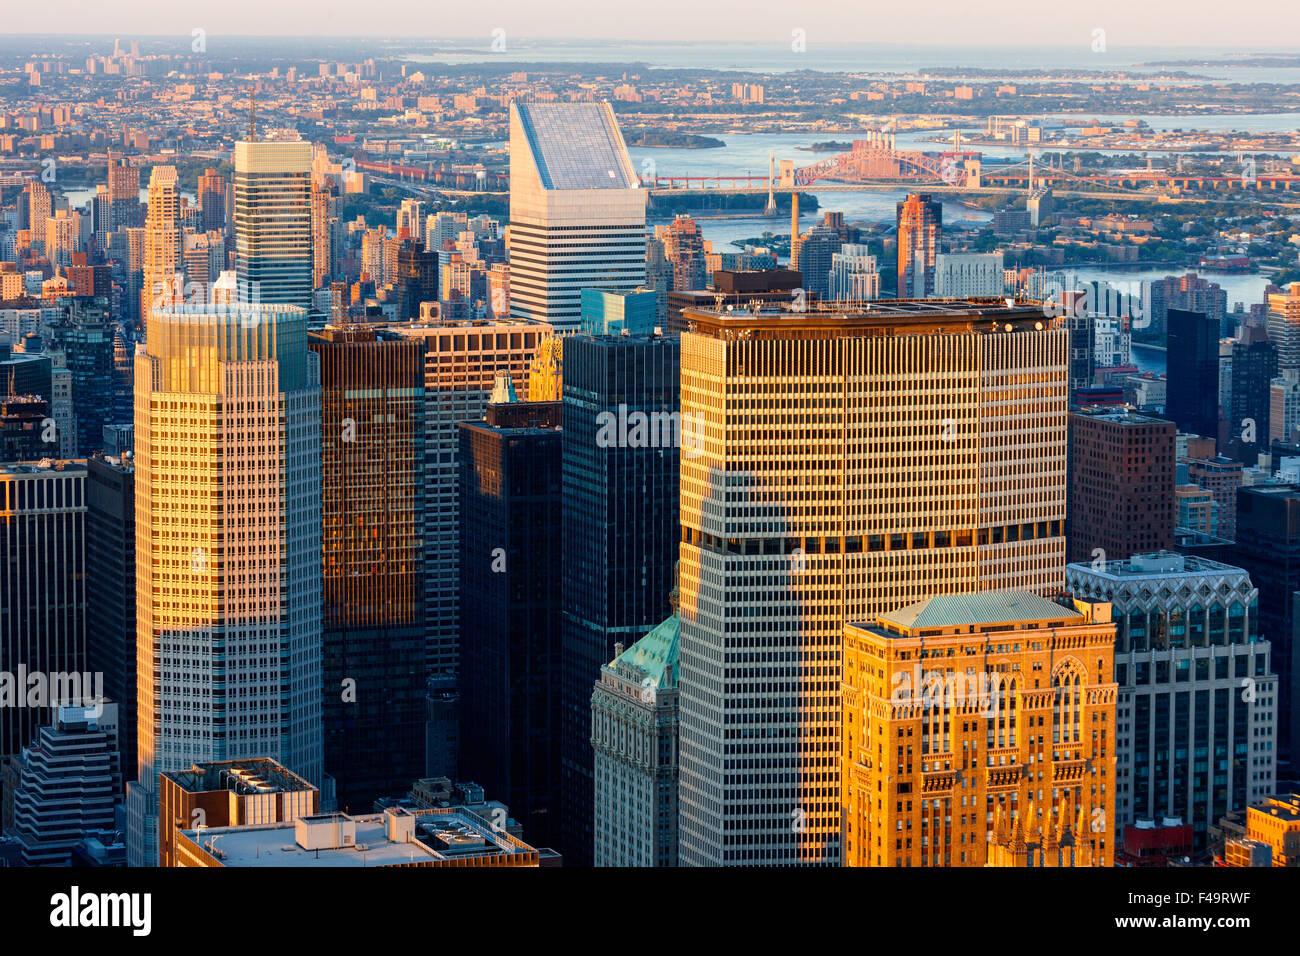 Luftaufnahme von Midtown Manhattan Wolkenkratzer bei Sonnenuntergang. Skyline von New York City. USA Stockbild